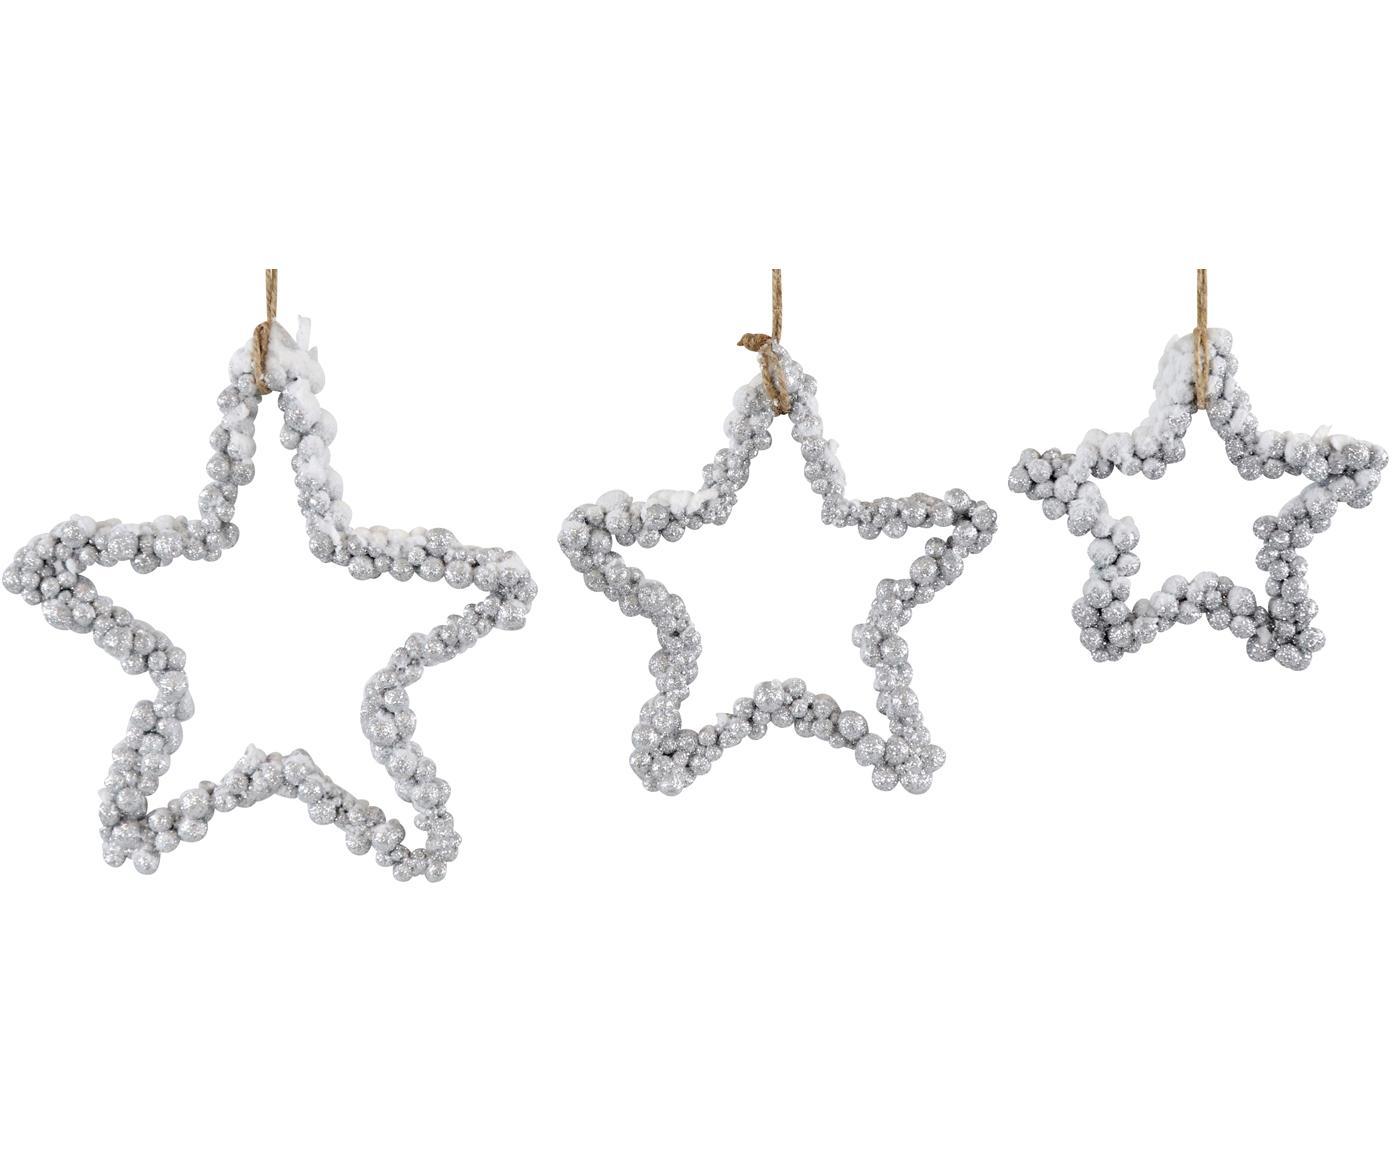 Set de adornos navideños Snowy, 3pzas., Espuma de poliestireno, plástico, metal, madera, Plateado, Set de diferentes tamaños